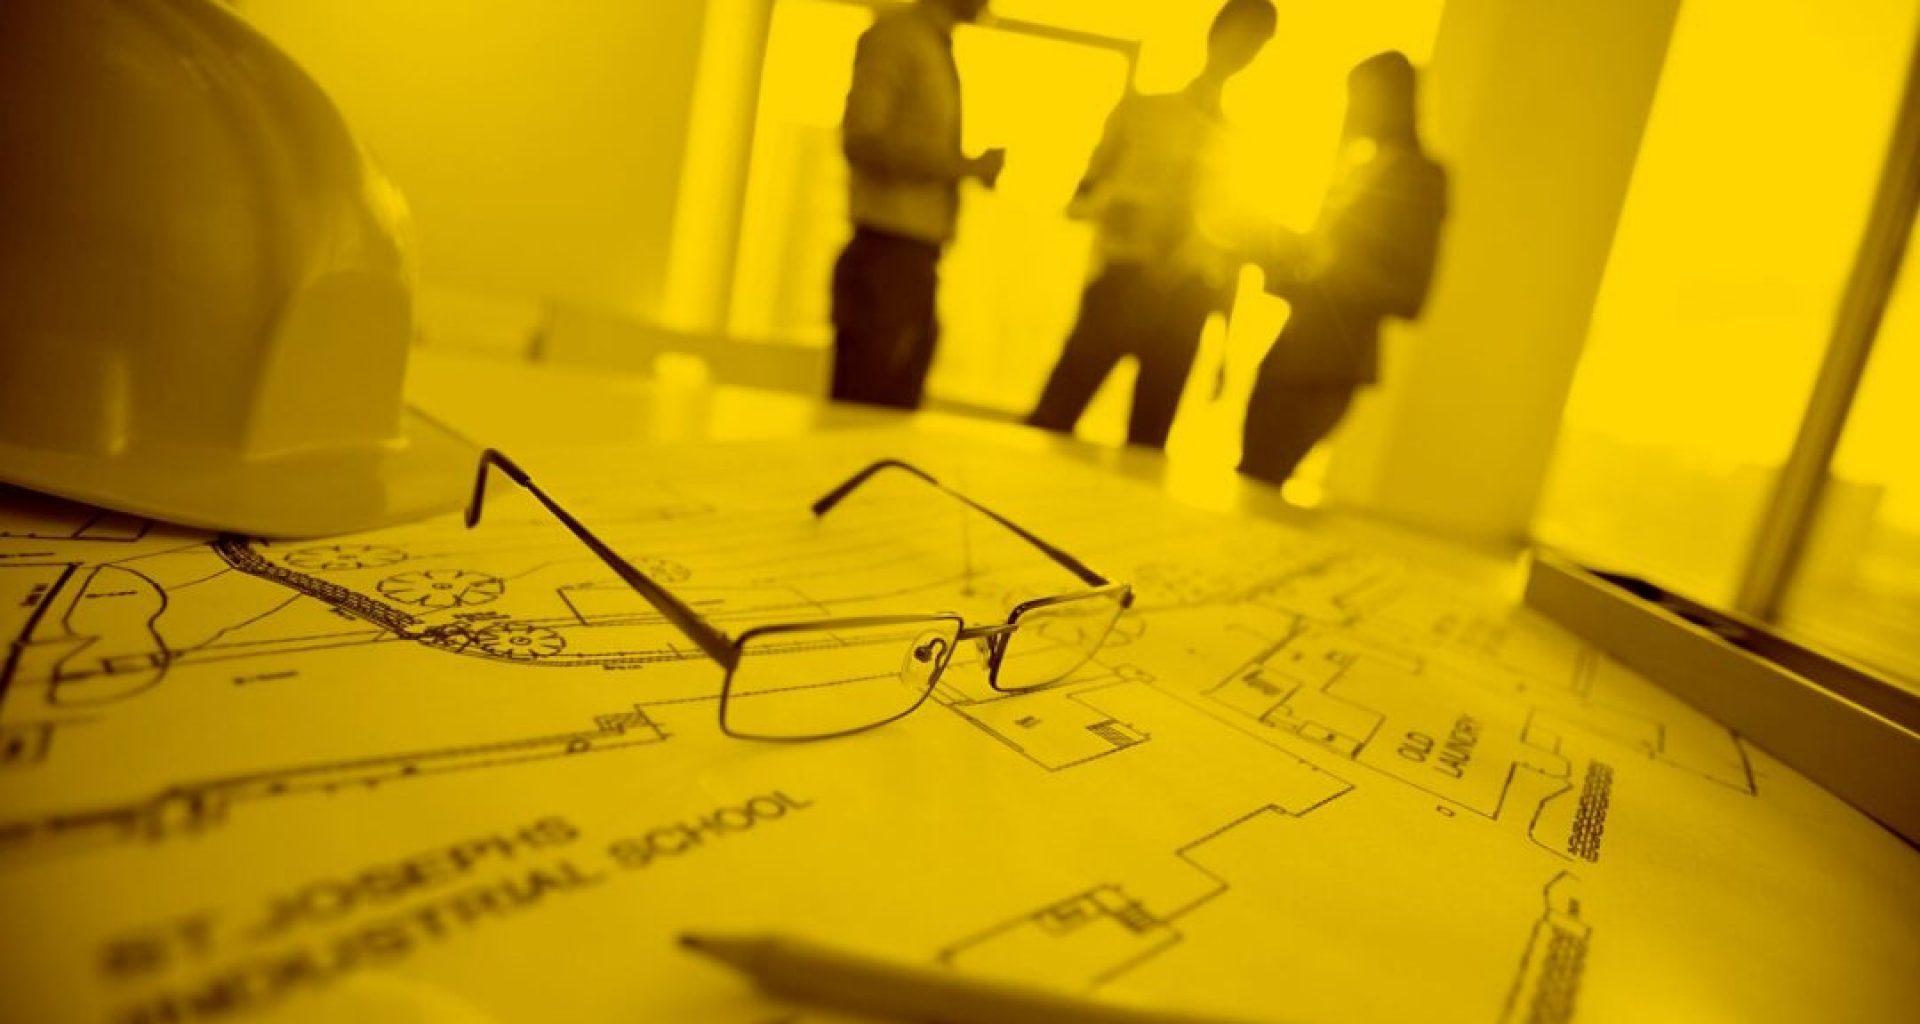 Schreibtisch mit Bauzeichnungen,Bauhelm und eine Brille, im Hintergrund 3 Personen